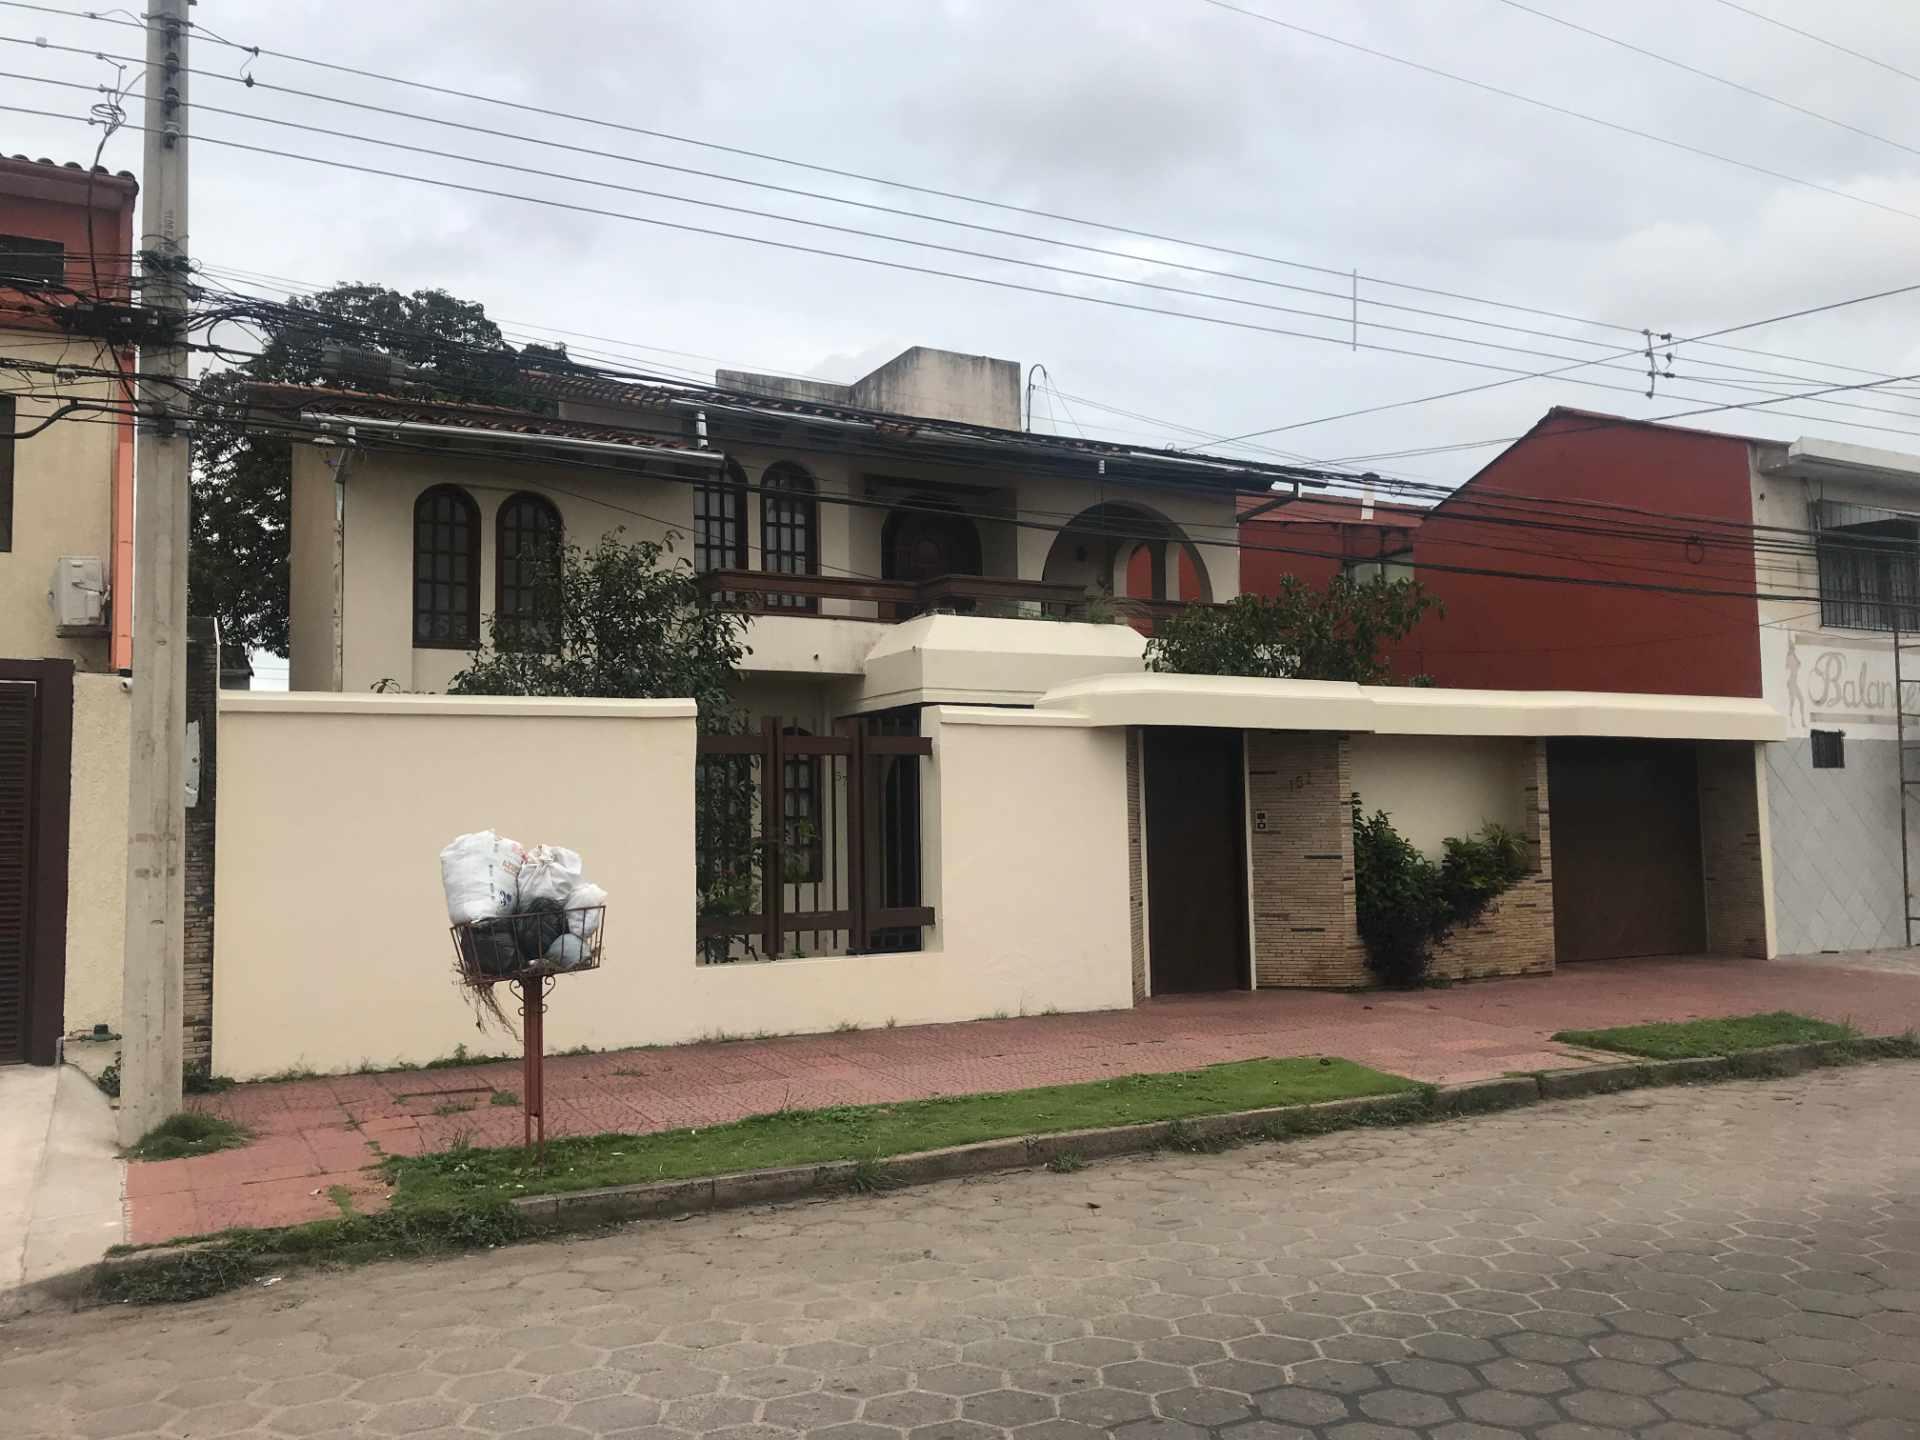 Casa en Venta Zona Sur de la Ciudad, Barrio Ramafa frente al Colegio Militar de Aviación. Foto 1